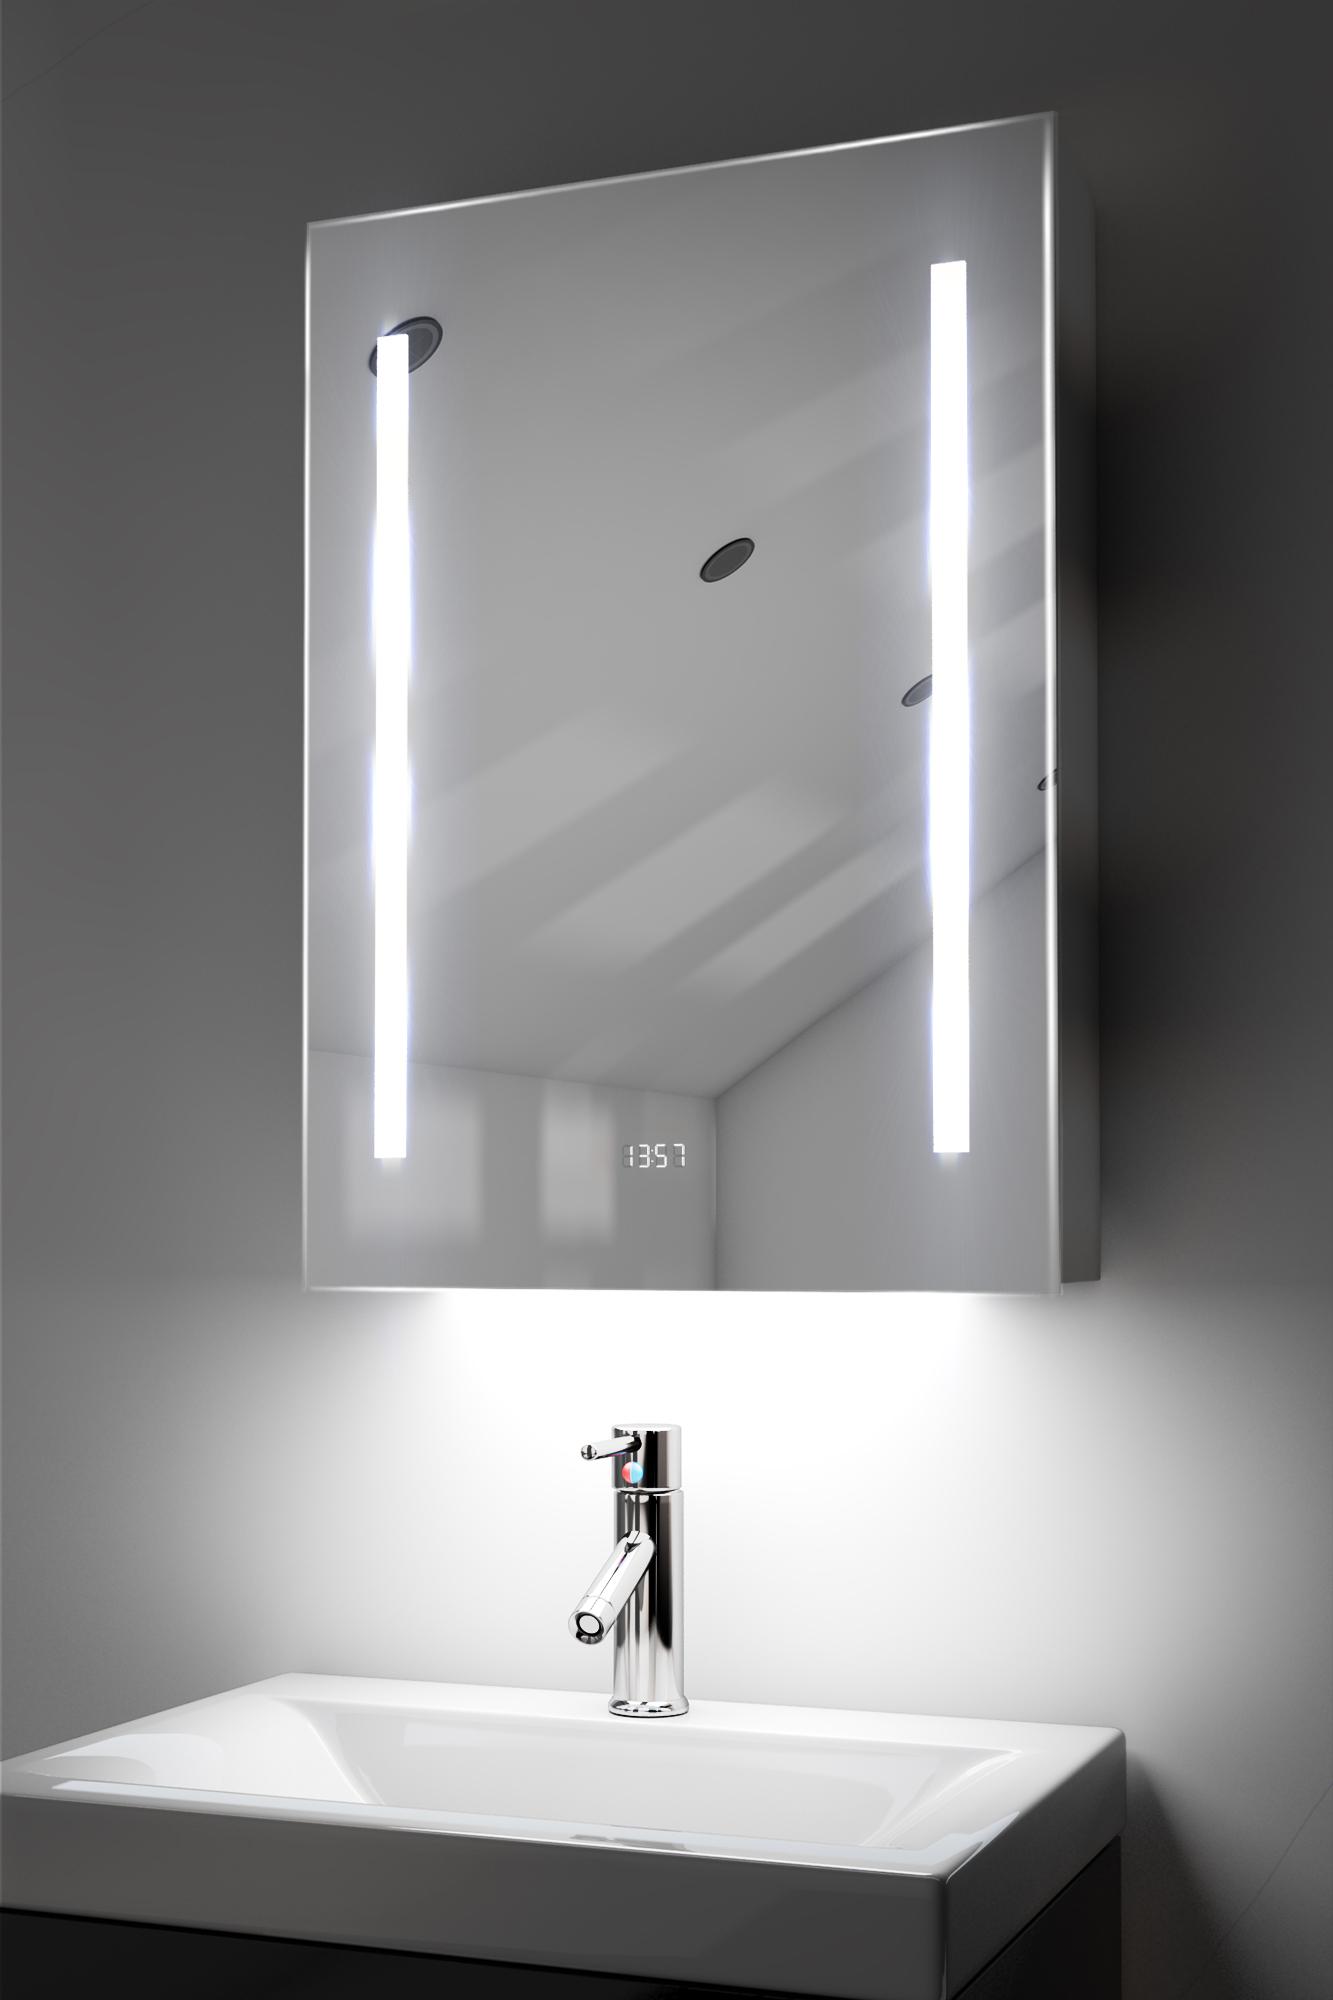 RGB Audio Bathroom Cabinet Mirror Clock Sensor Shaver